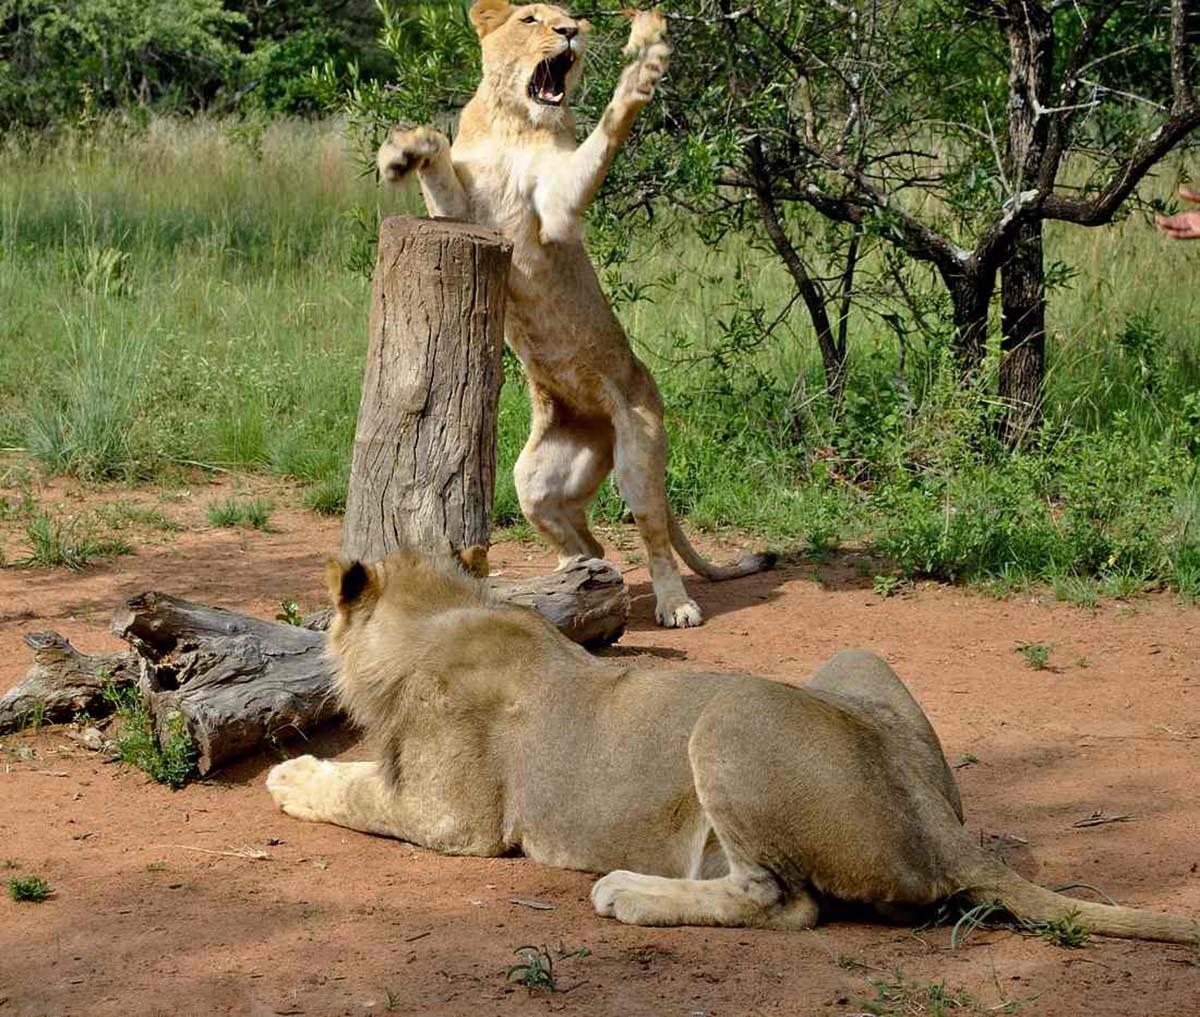 львиные игры в заповеднике Укутула